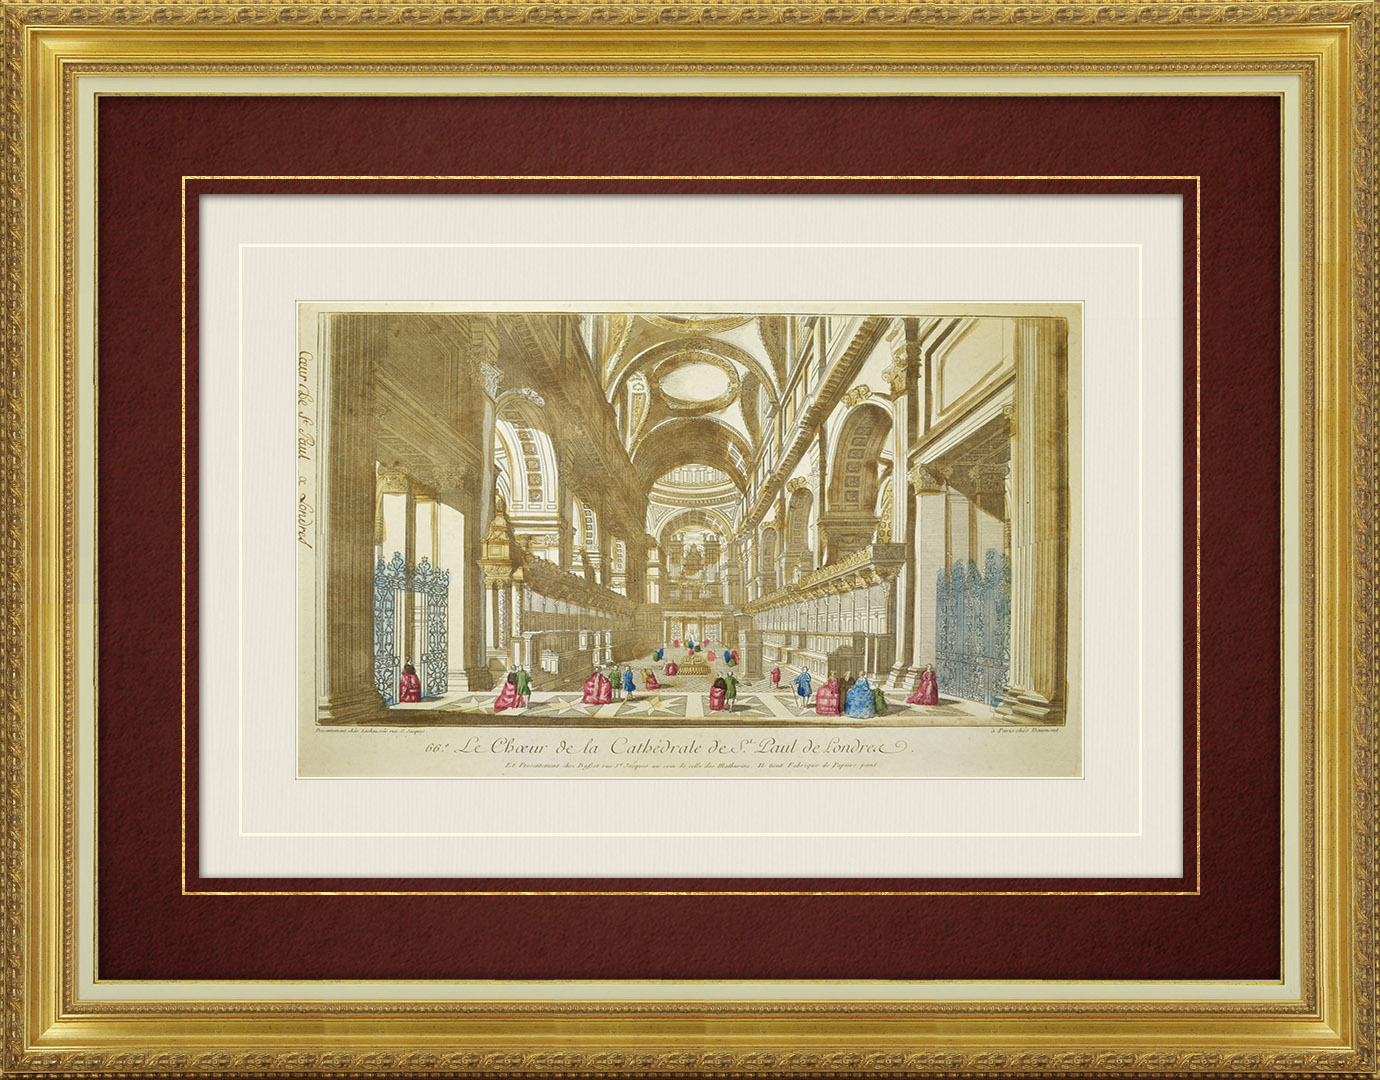 Vue d'optique du 18e siècle en coloris d'époque du Choeur de la Cathédrale Saint-Paul de Londres (Angleterre)